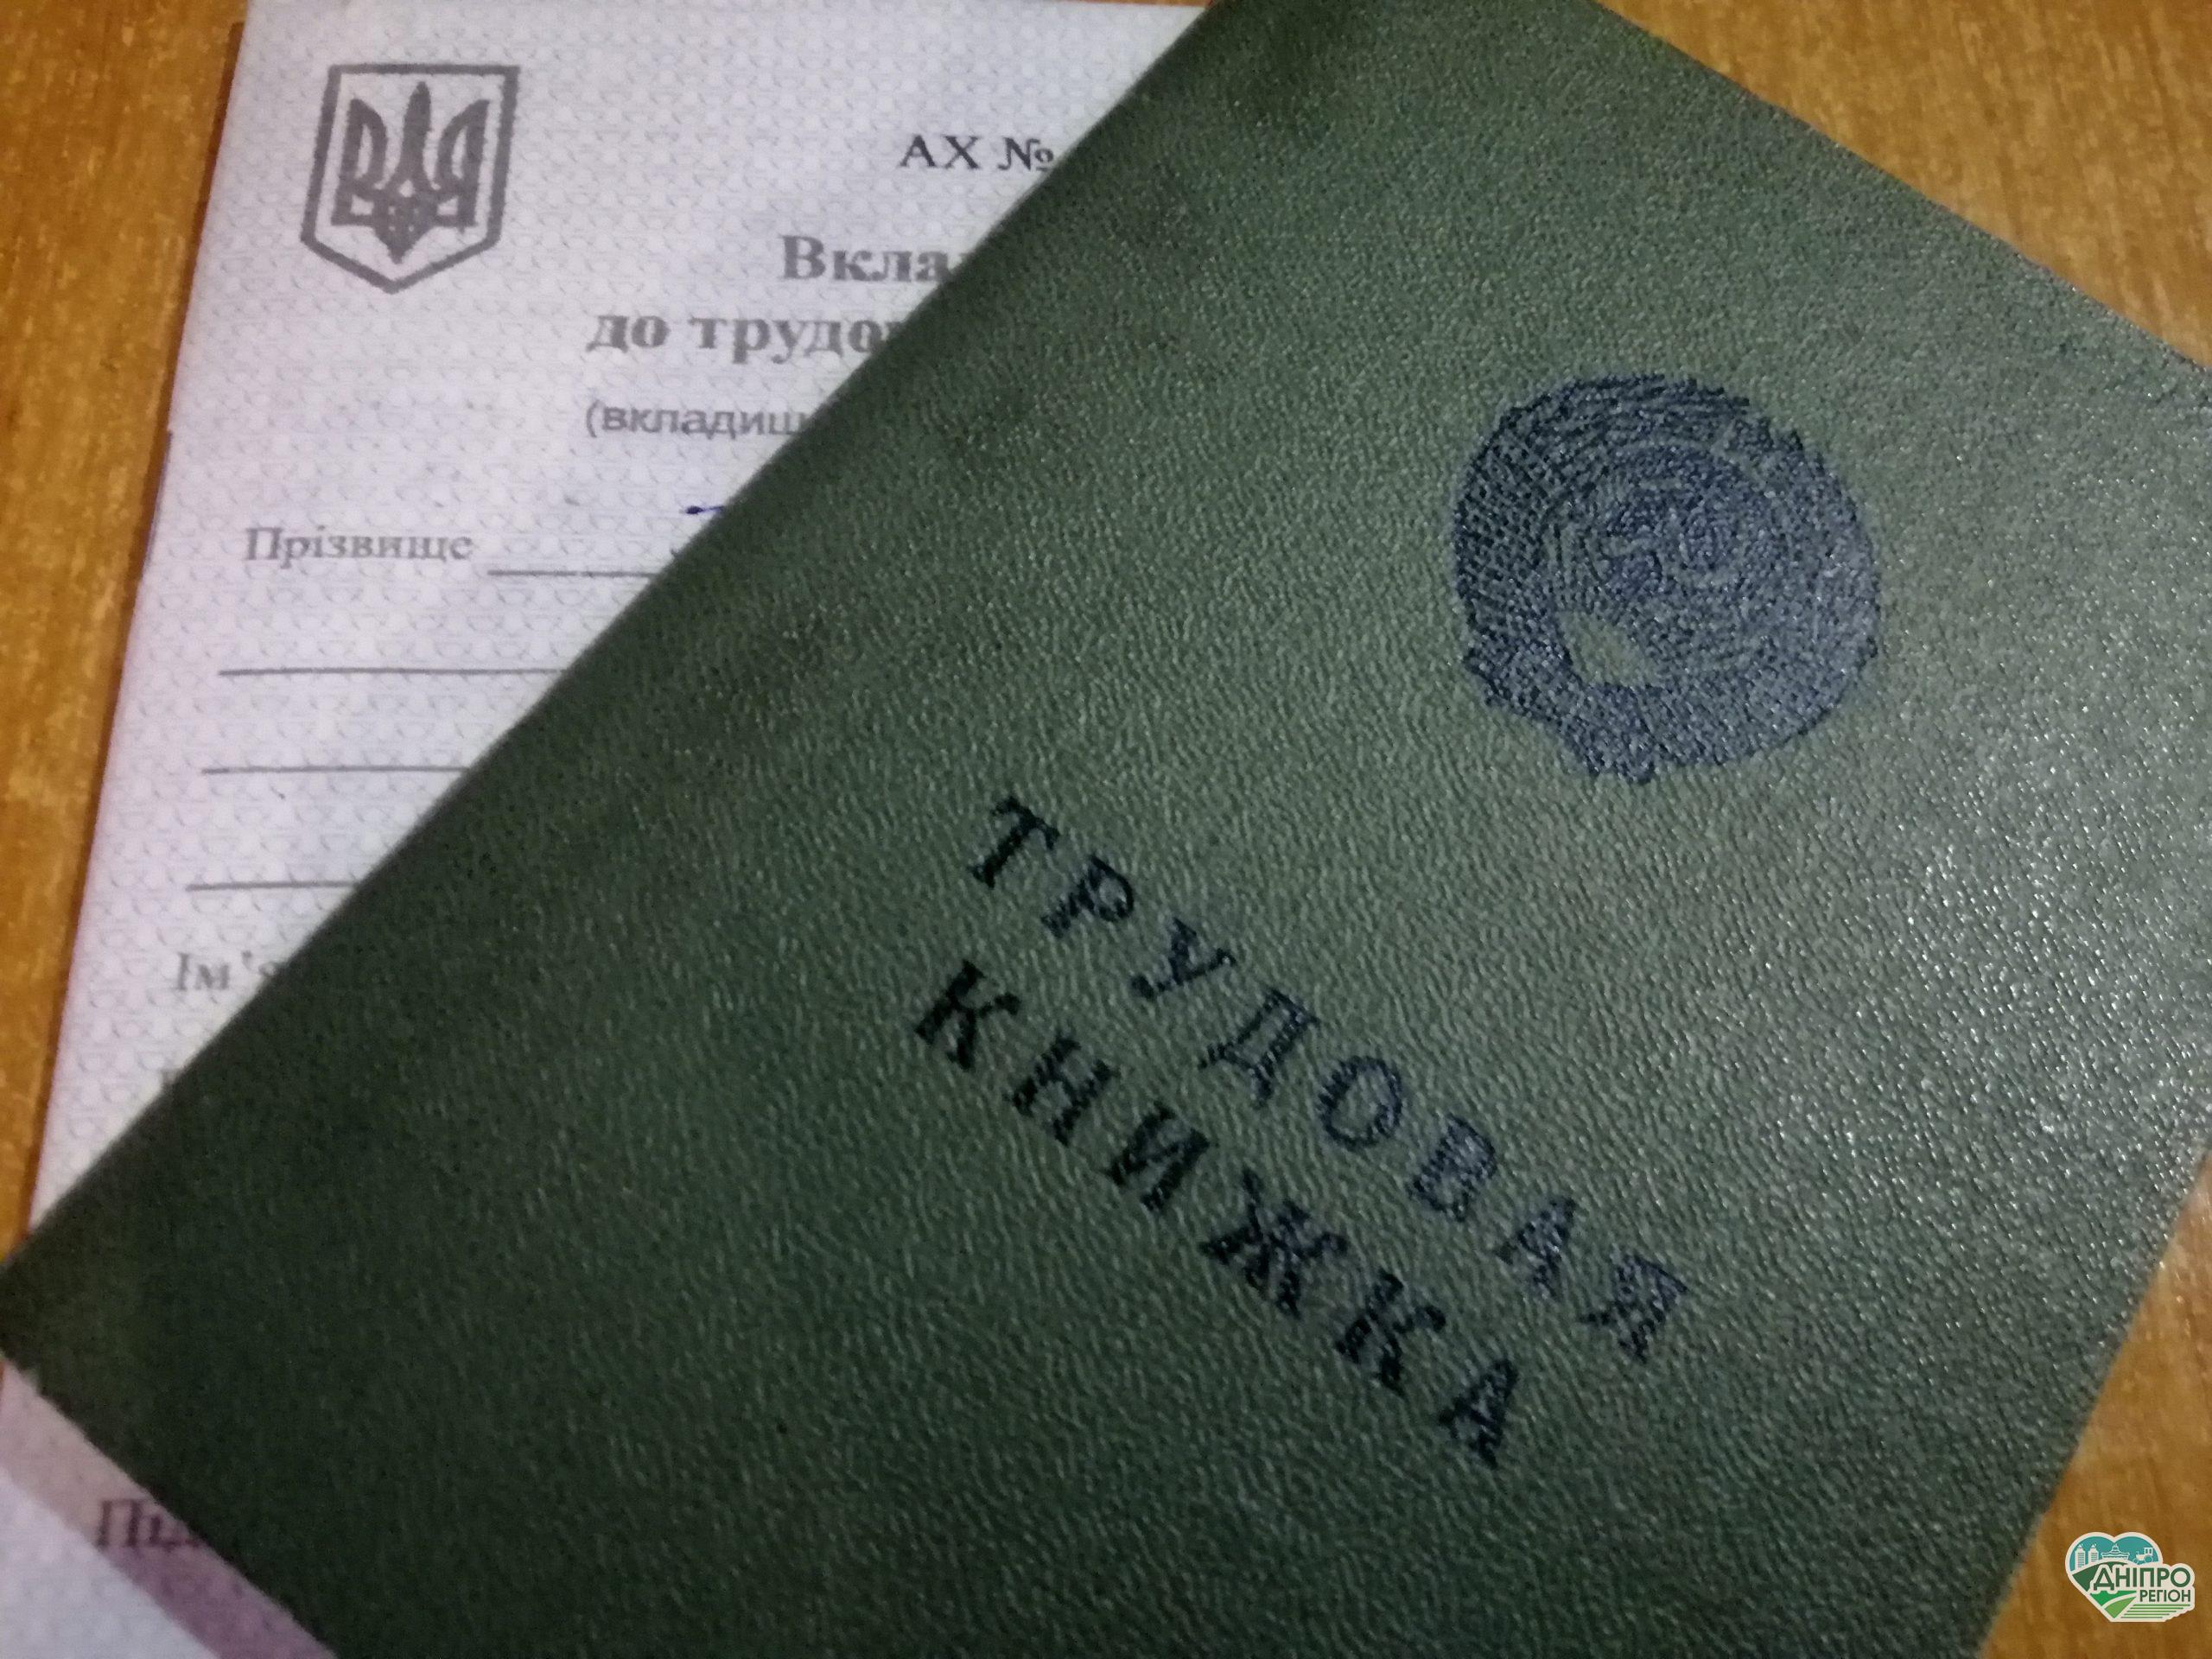 Кабмін схвалив законопроєкт про електронні трудові книжки